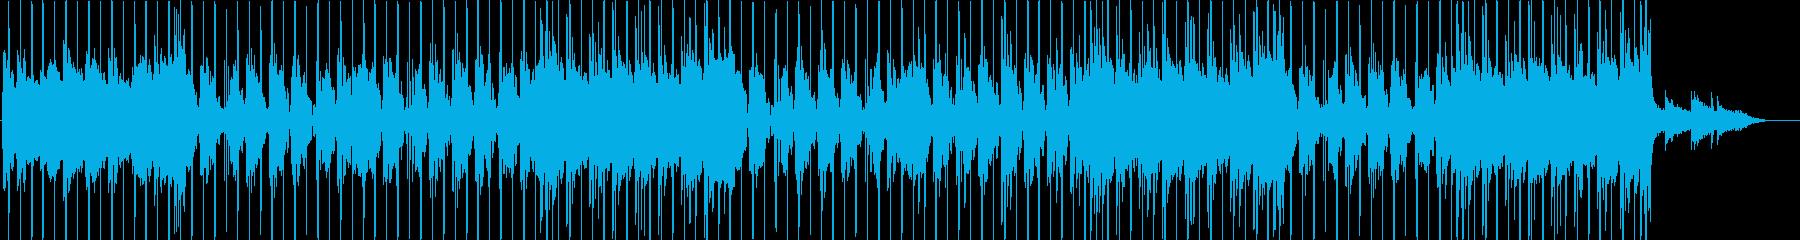 洋楽、チルアウト、R&Bビート♫の再生済みの波形